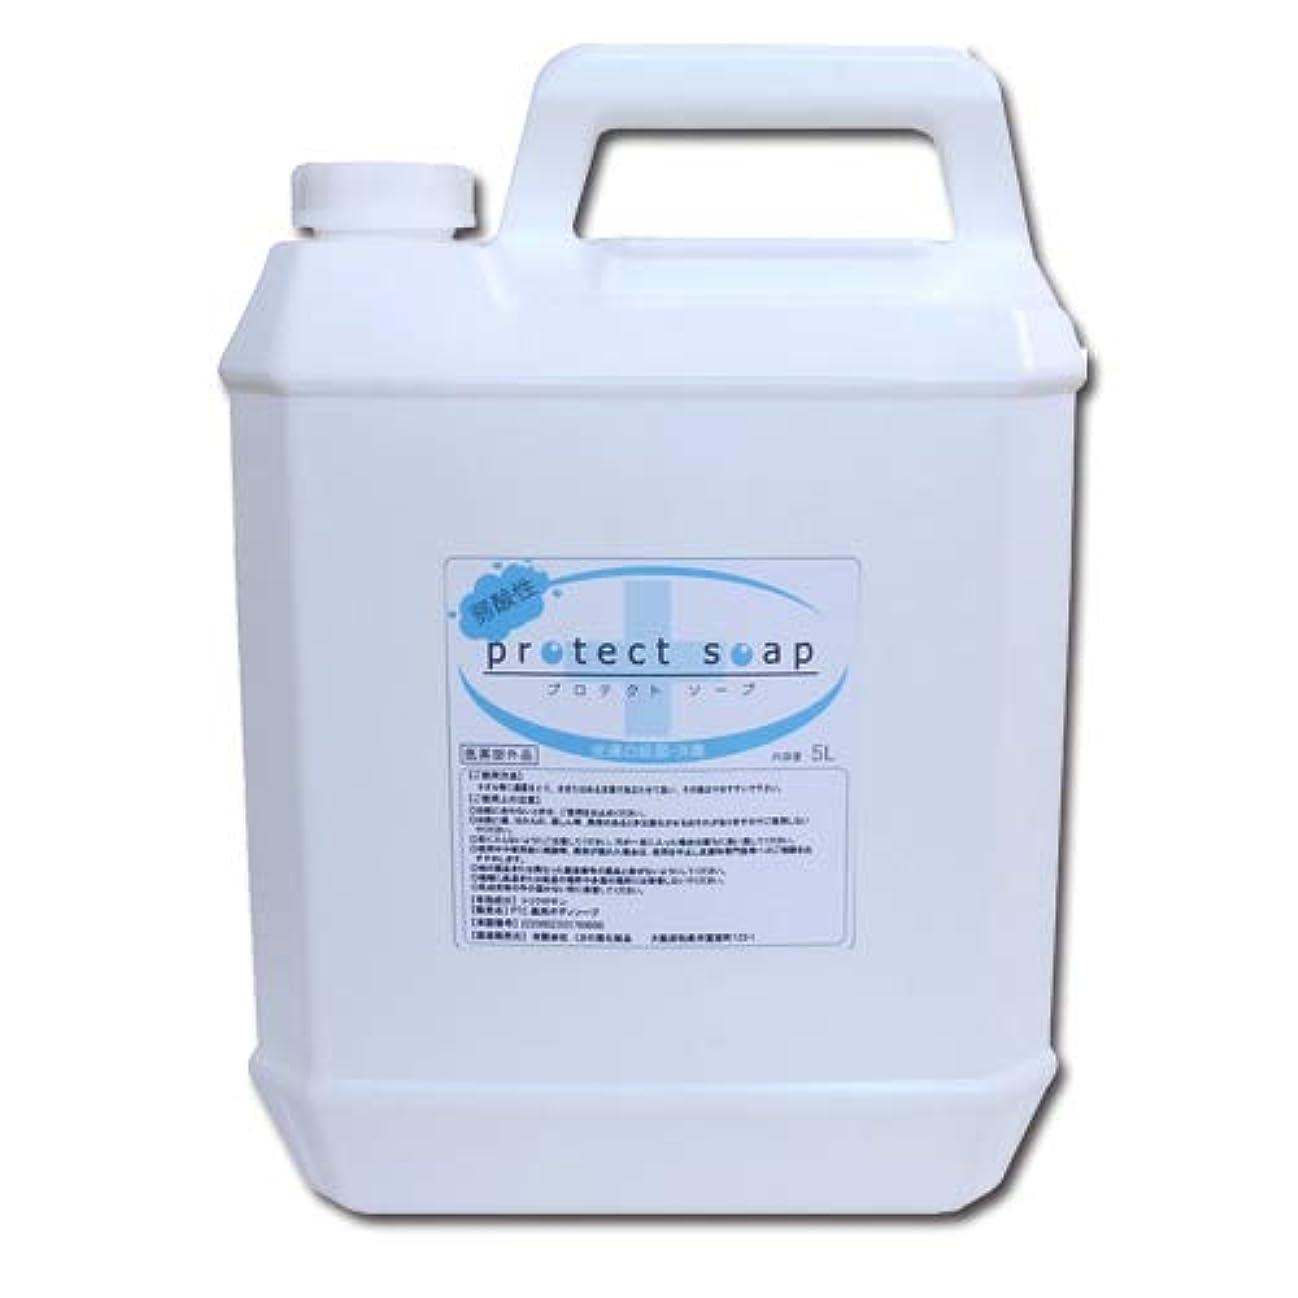 曲げるリングバック端末低刺激弱酸性 液体石鹸 プロテクトソープ 5L 業務用│せっけん液 液体せっけん 殺菌?消毒 インフルエンザ?ノロウィルス対策